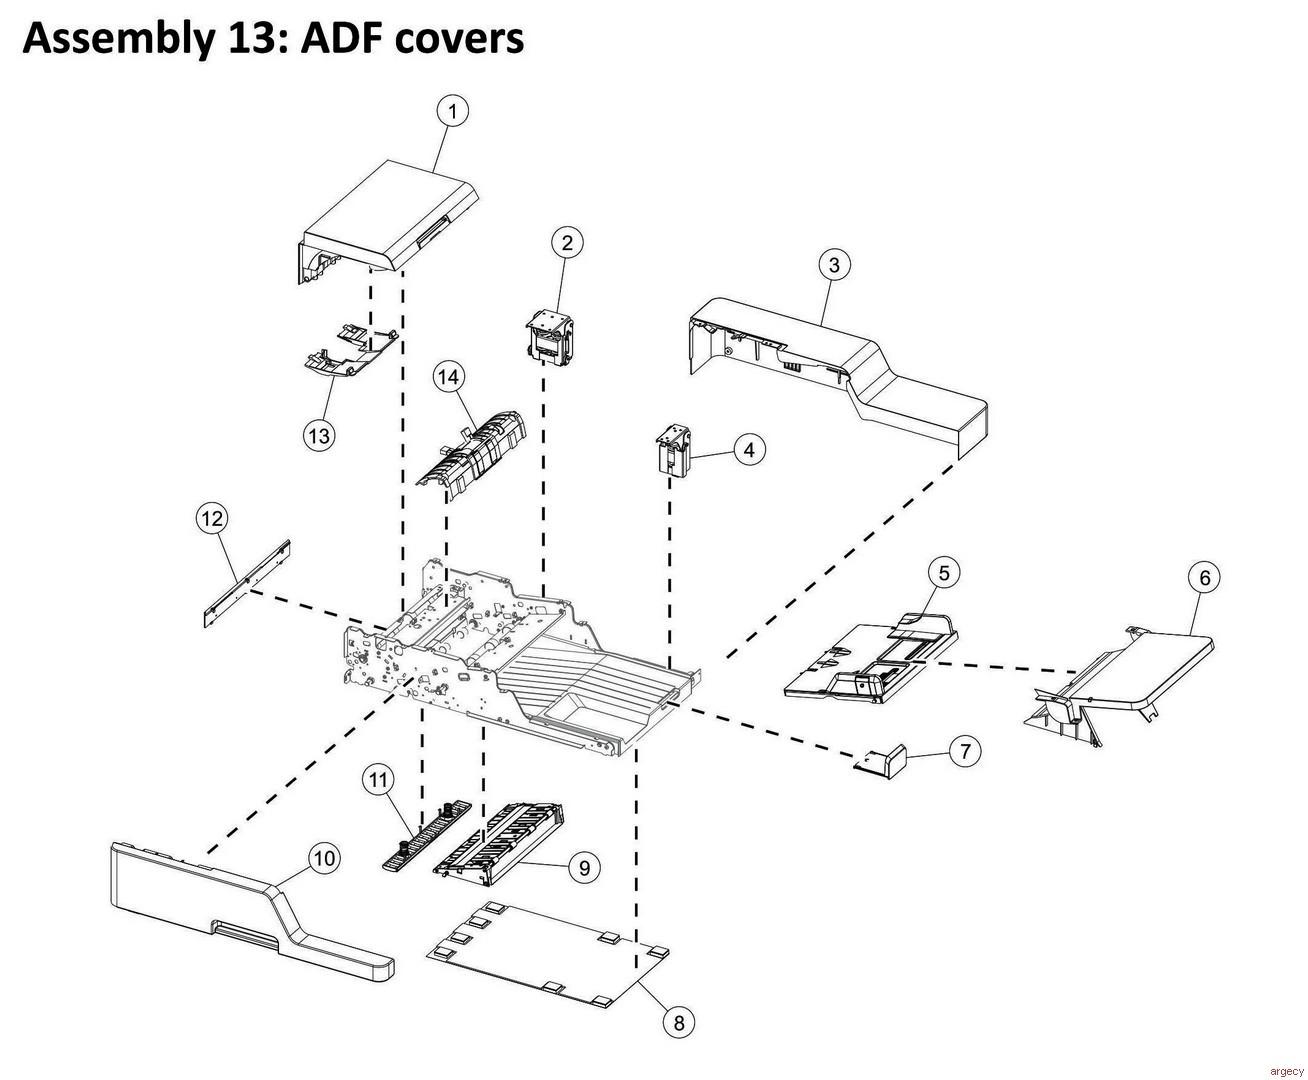 https://www.argecy.com/images/MX81x_MX71x-Parts-705_cr.jpg